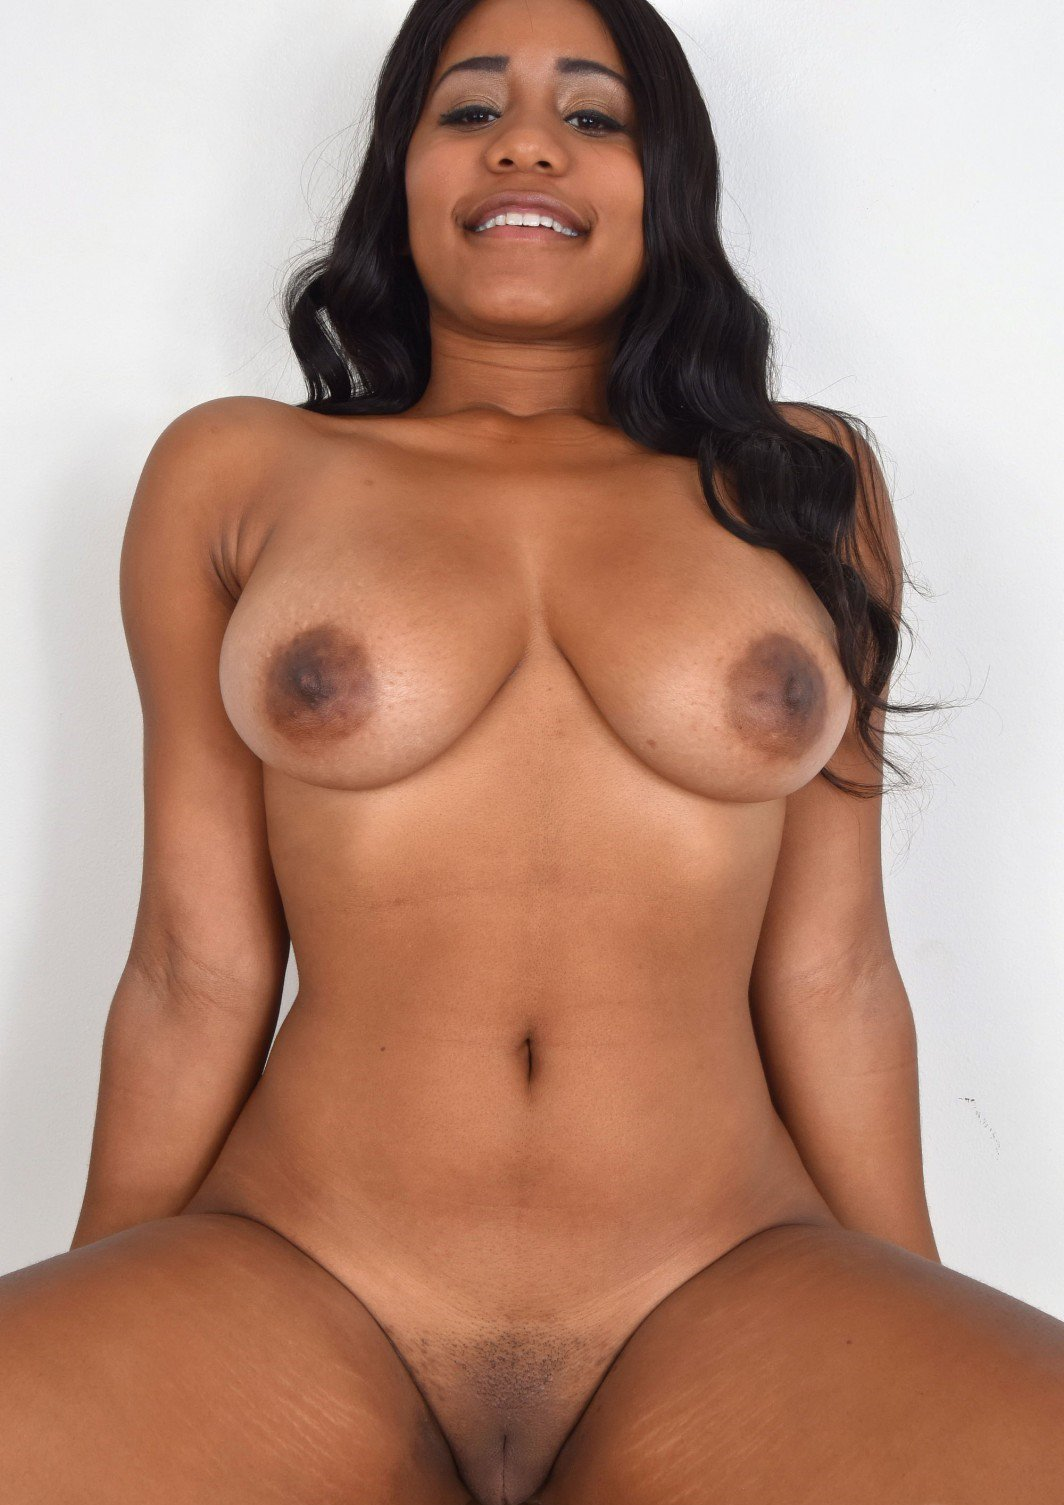 Porn seex video-1880